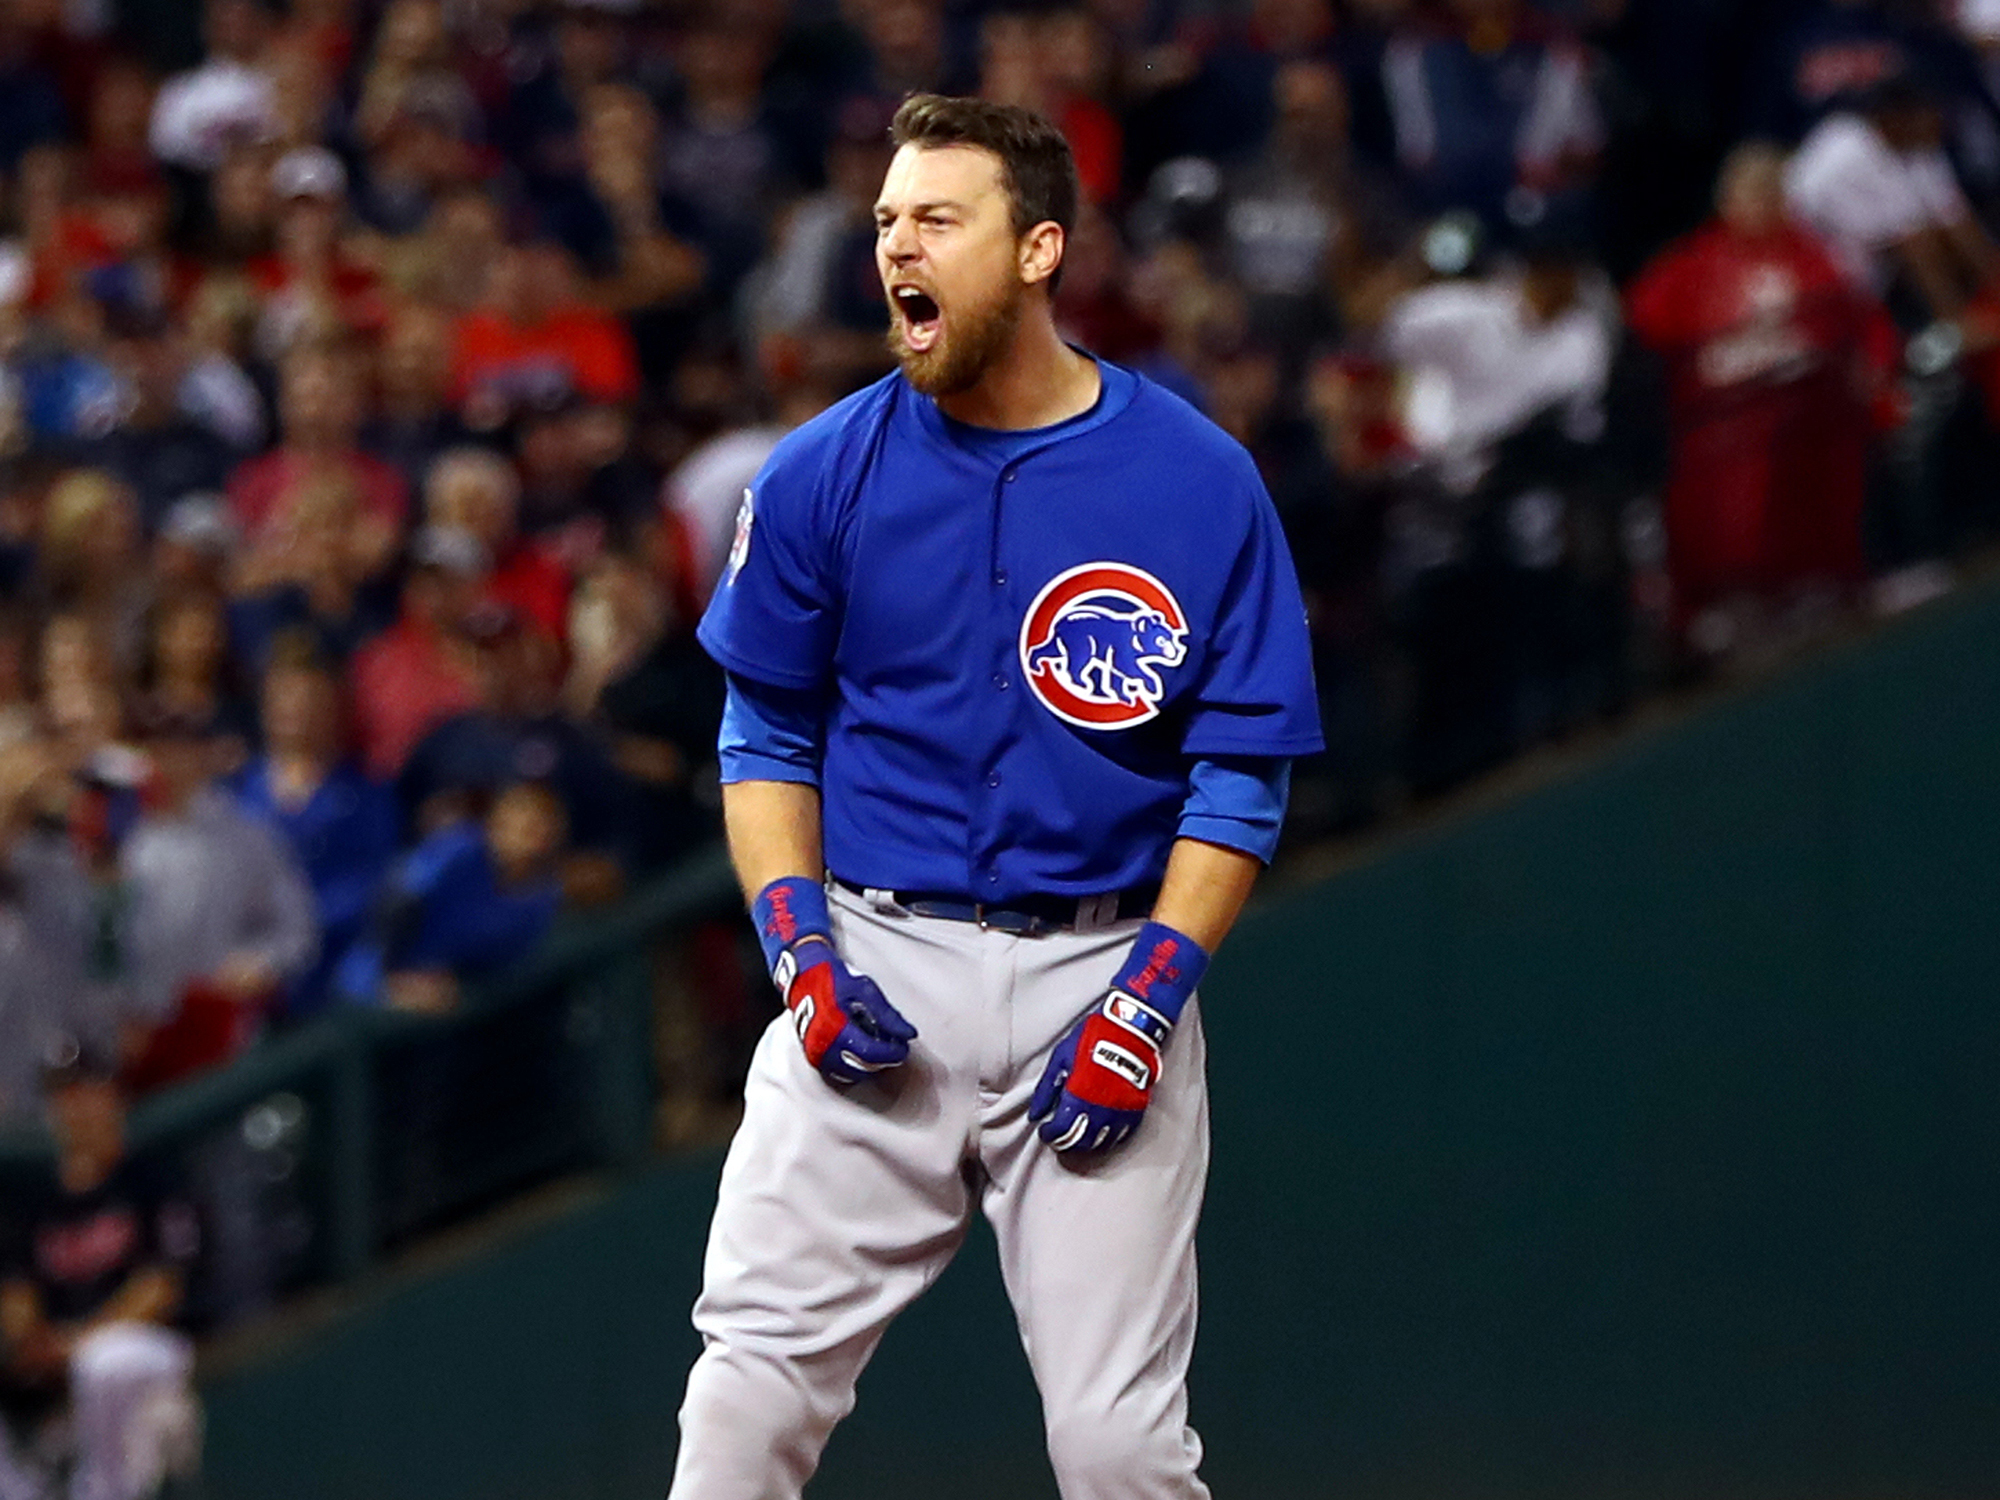 Chicago Cubs Ben Zobrist